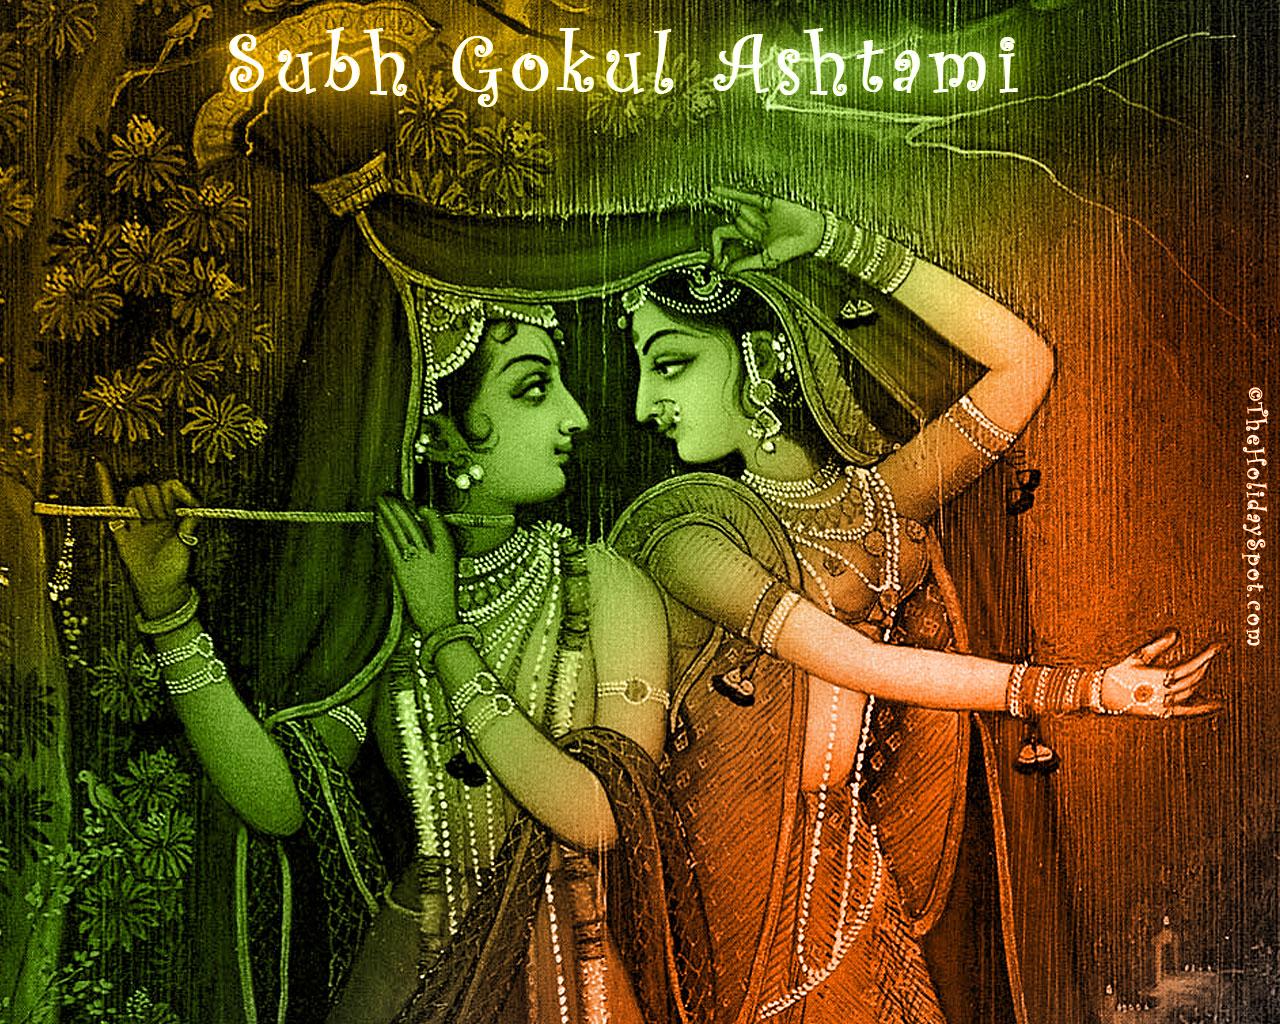 http://1.bp.blogspot.com/-QdrVJOJXpnU/UCKWdXcc1kI/AAAAAAABBTI/Z0Se5ZyDOqw/s1600/Sri-Krishna-Janmashtami-Wallpapers+%2812%29.jpg